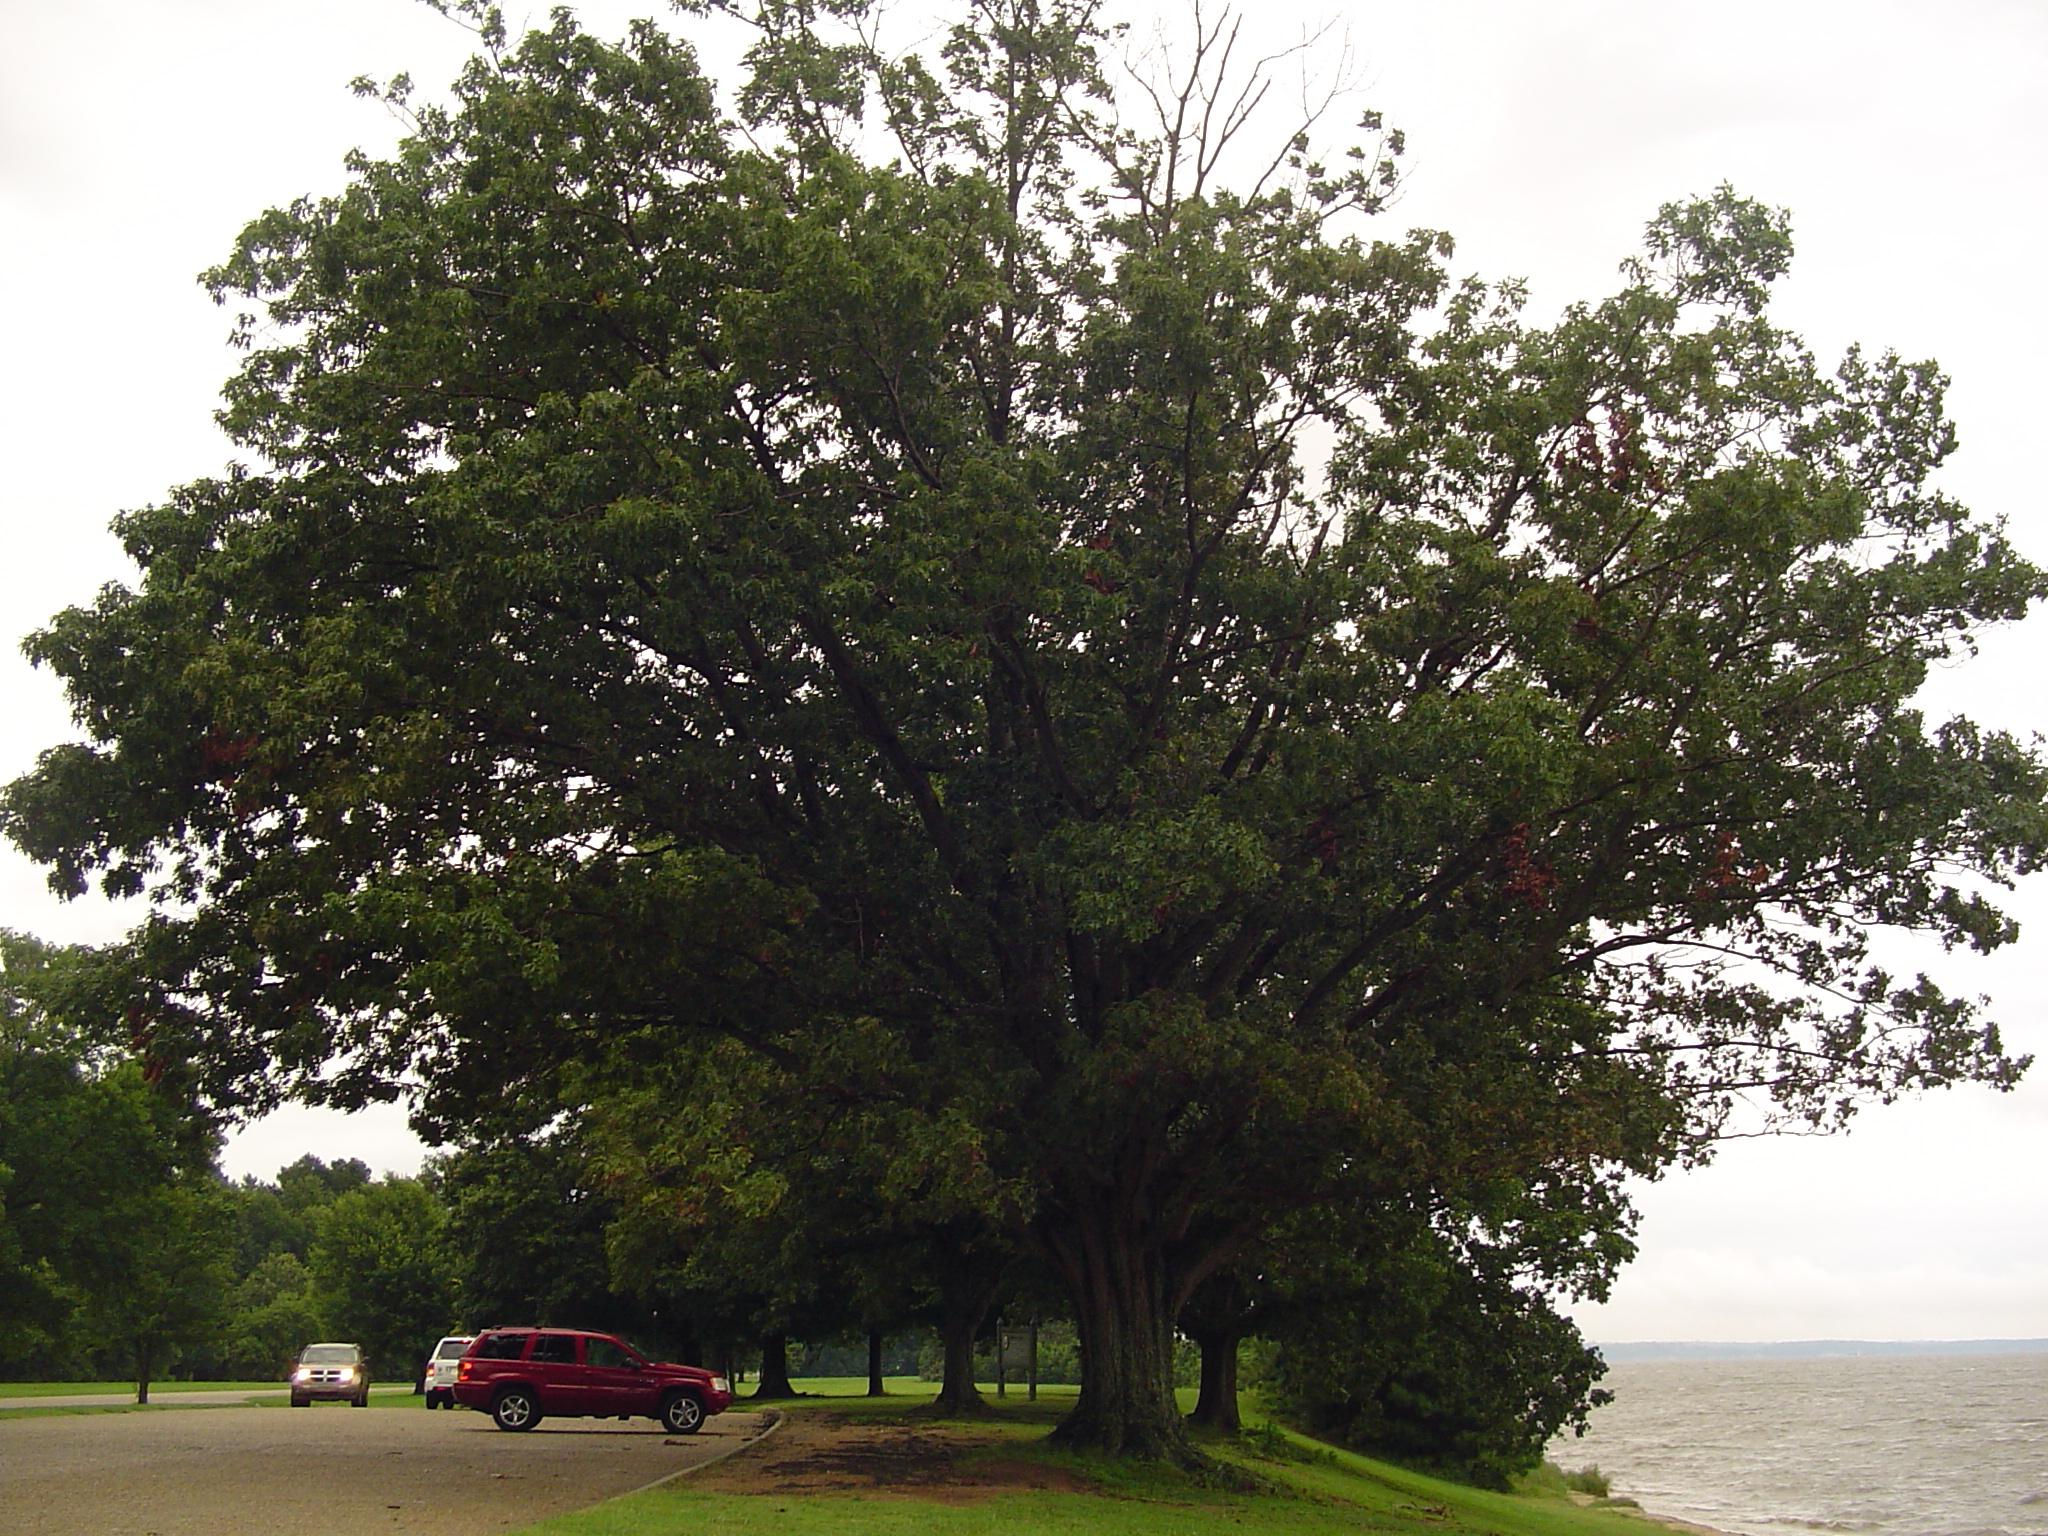 An oak tree growing beside the James River near Jamestown.